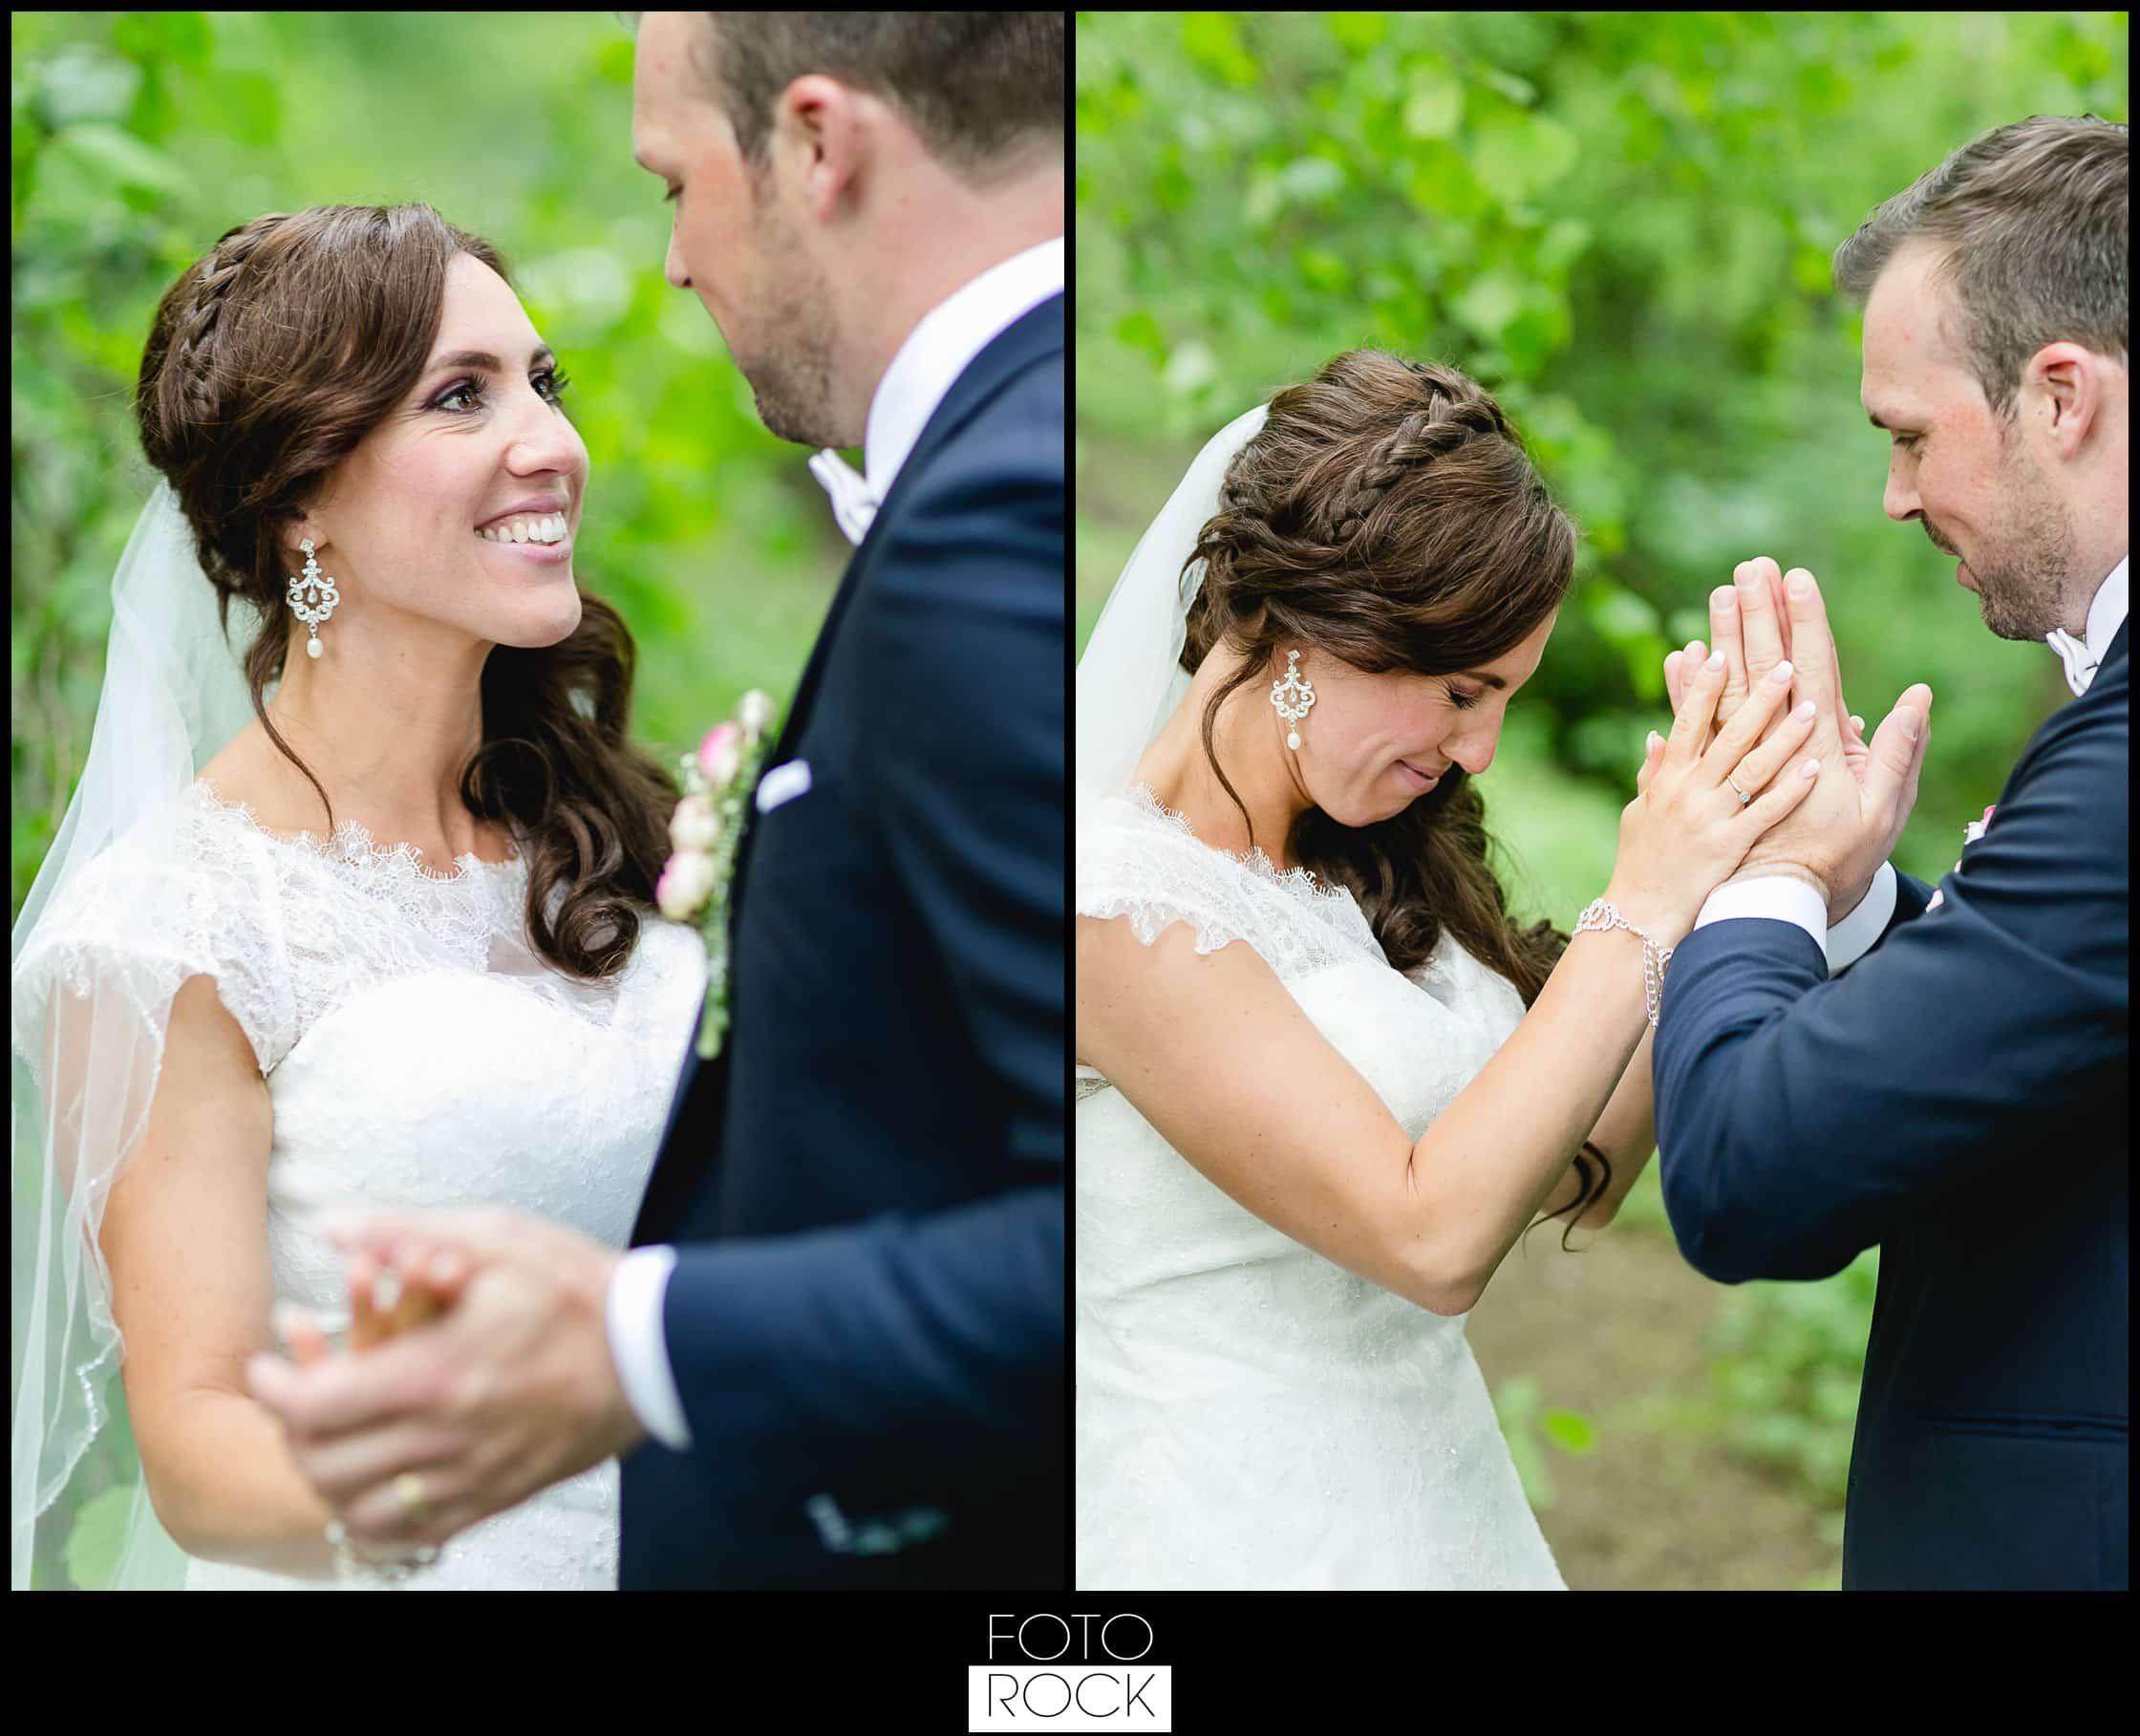 Hochzeit Lilienhof Ihringen Fotoshooting Photoshooting Brautpaar Portrait Braut